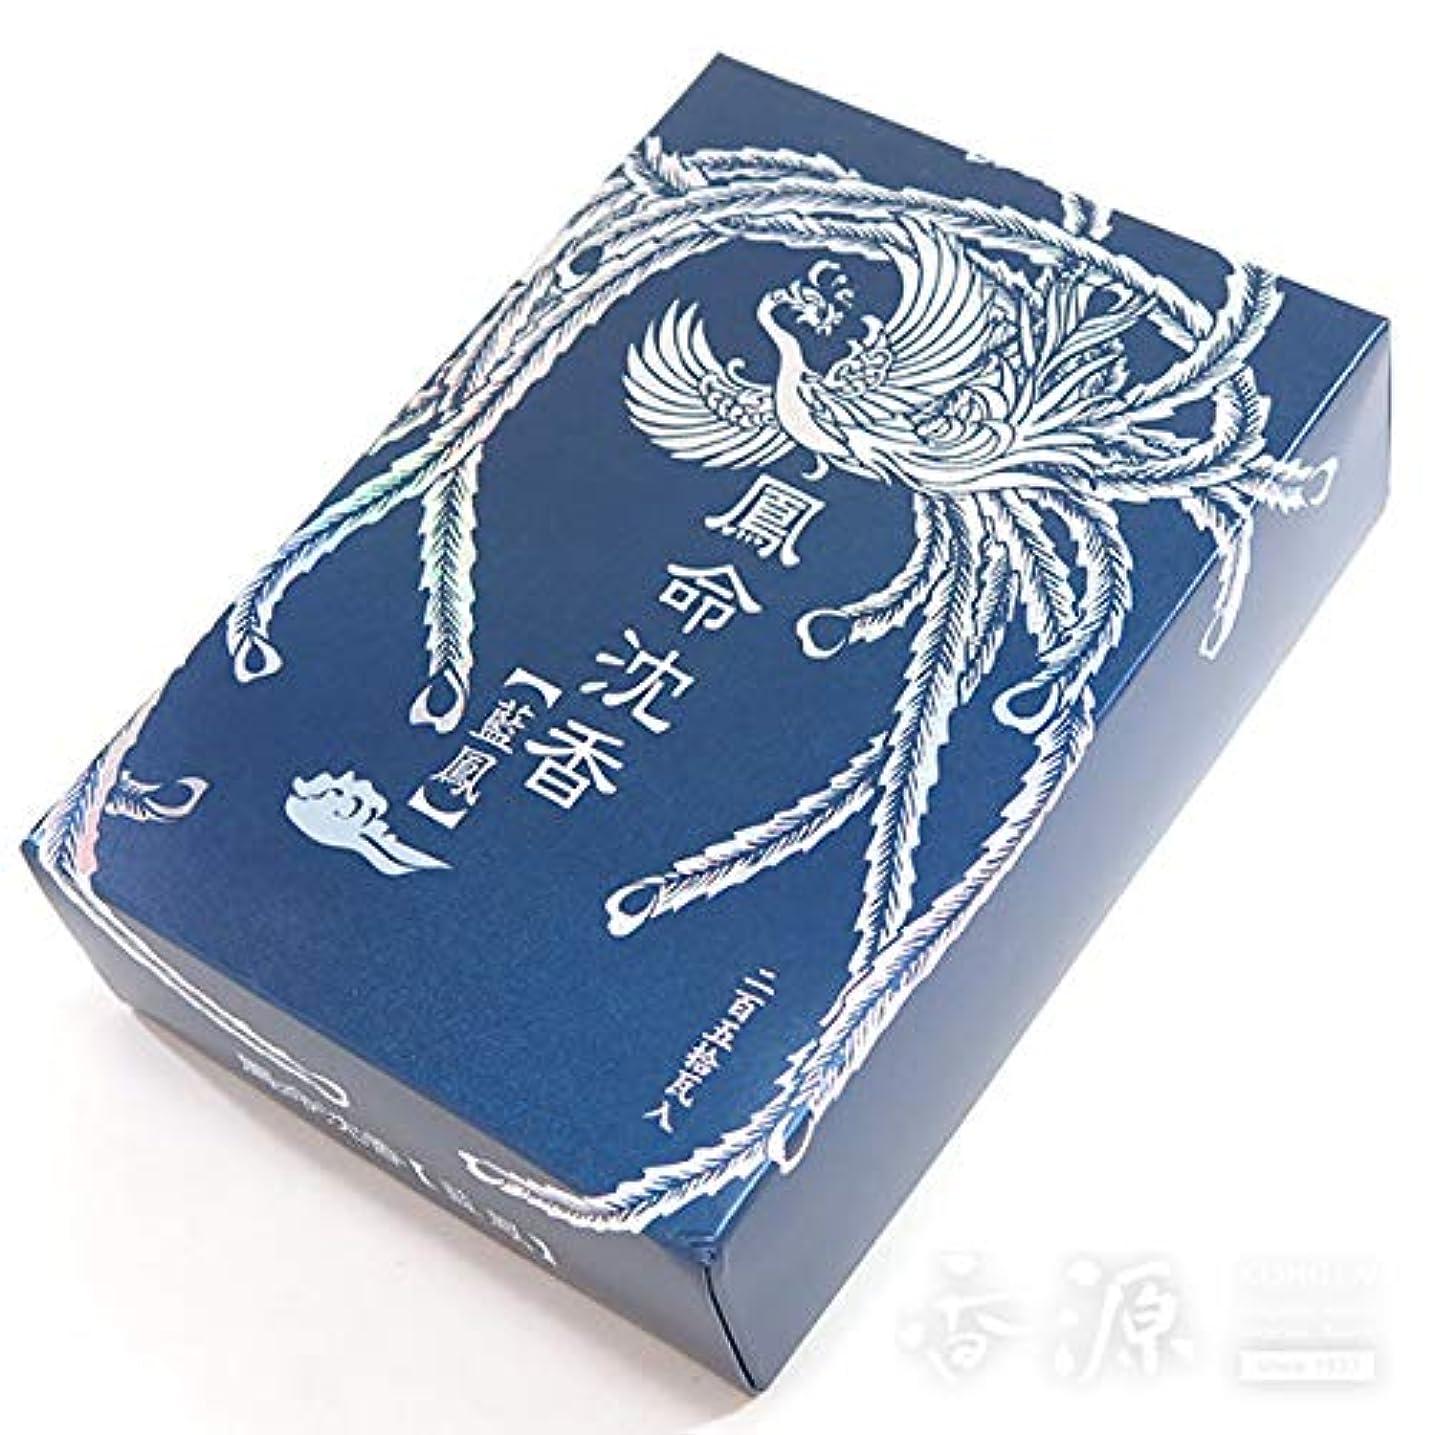 プライム雪だるまを作る膨らみ長川仁三郎商店のお香 鳳命沈香 藍鳳 250g入